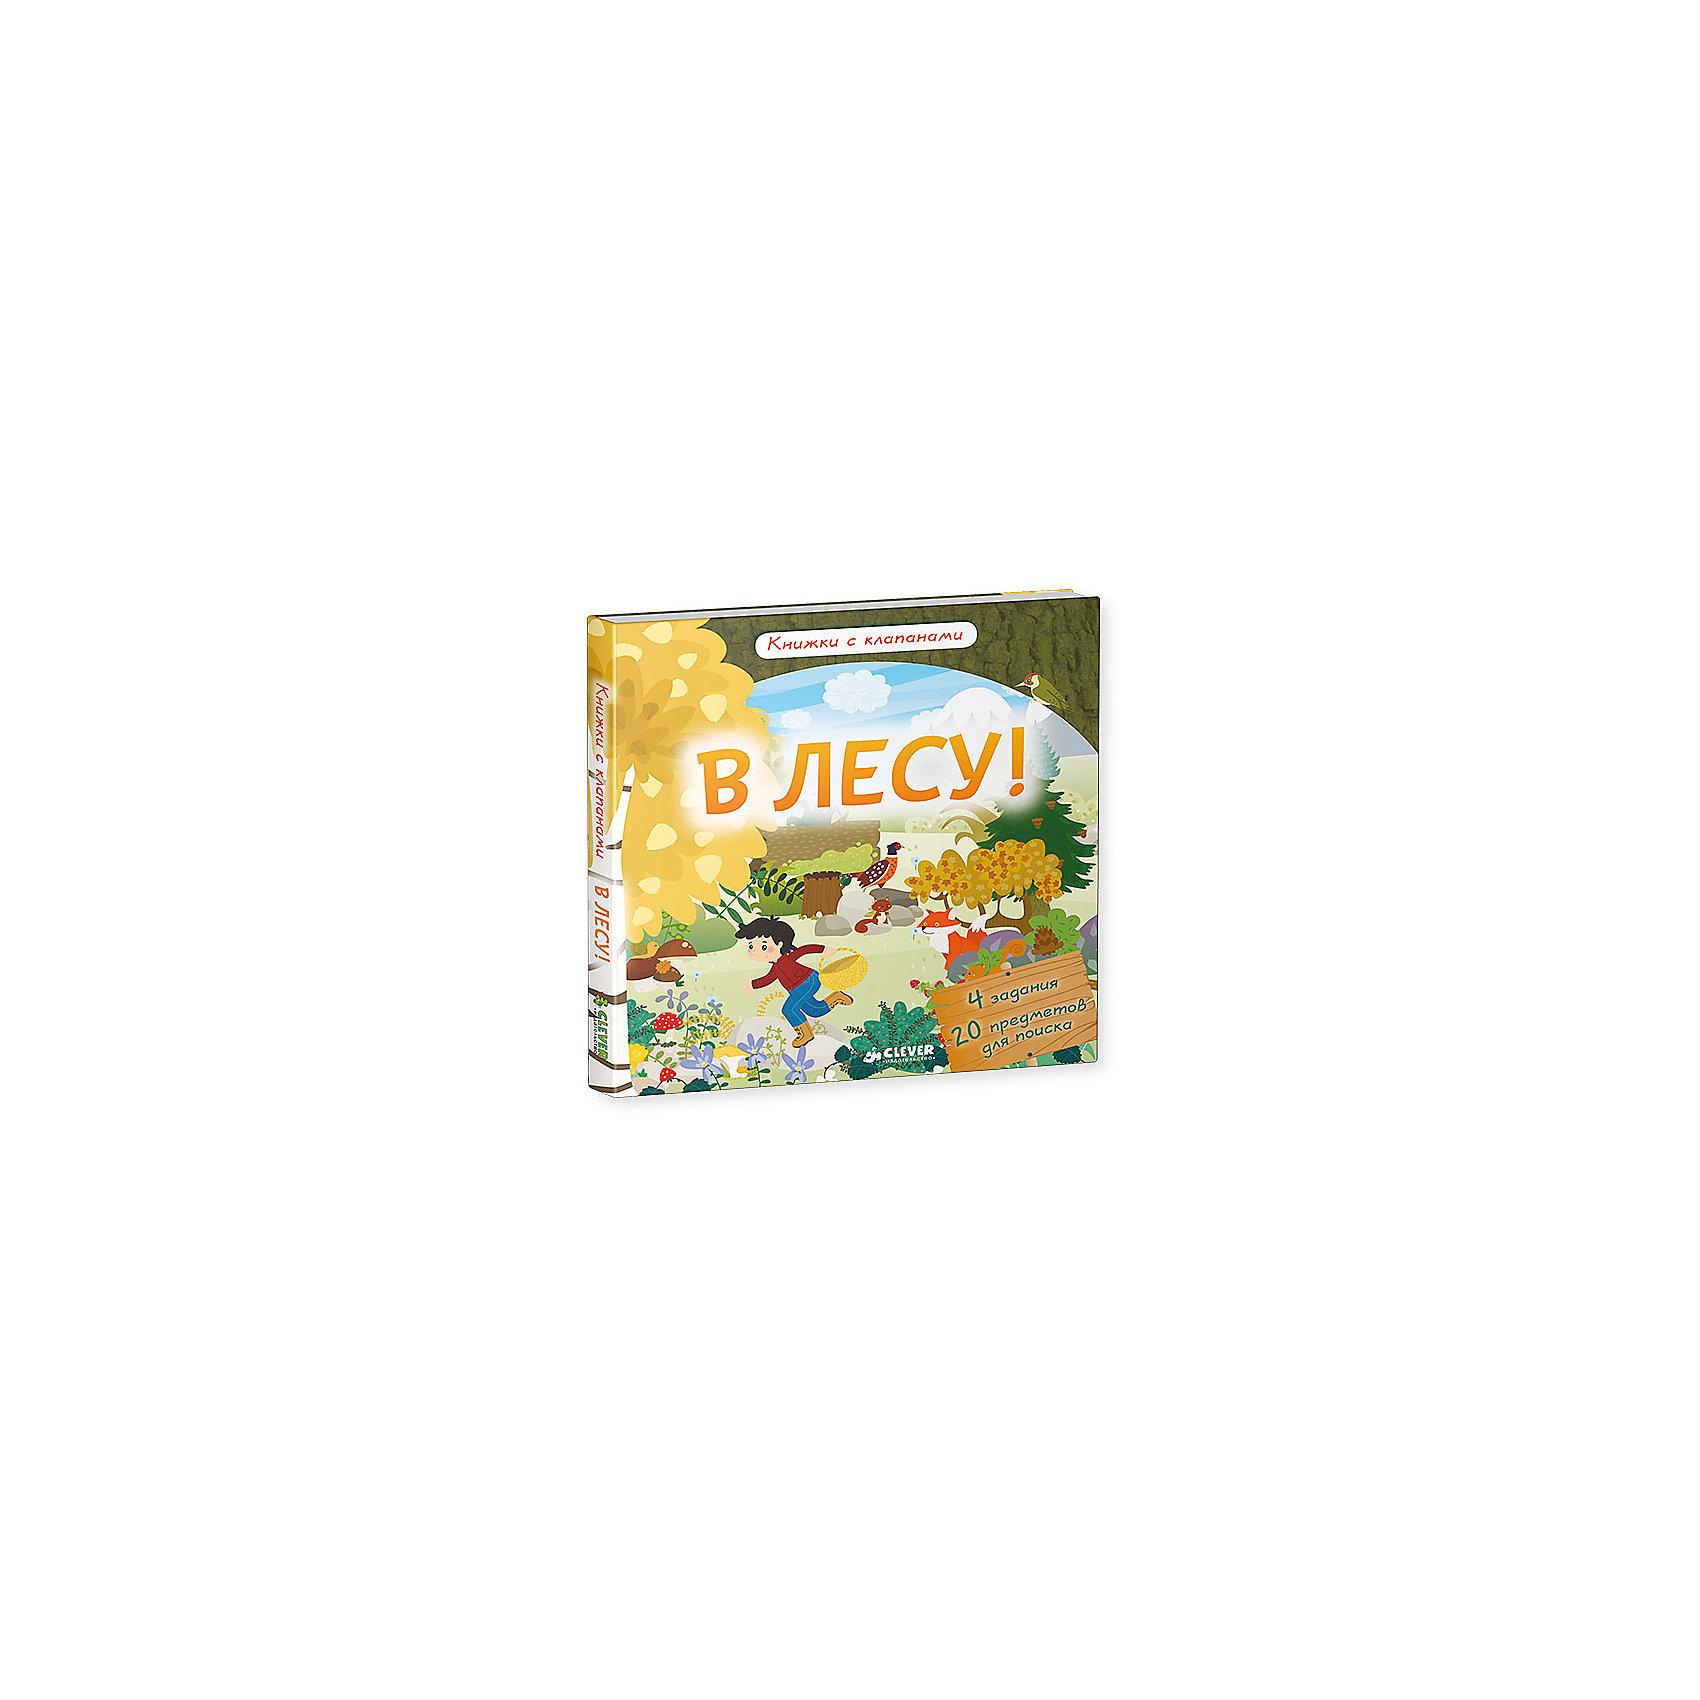 Книжка с клапанами В лесу!Книги с окошками<br>Характеристики товара:<br><br>• материал: картон<br>• с клапанами<br>• страниц: 12<br>• формат: 186x169x11 мм<br>• развивающая<br>• цветные иллюстрации<br>• страна производства: Российская Федерация<br><br>В этой книге собраны интересные и развивающие задания, которые дополнены красочными иллюстрациями. Такие задания помогут родителям развлечь малыша и одновременно помочь ему развиваться. <br>Изделие очень качественно выполнено, обложка - красивая. Формат - удобный. Такая книжка станет отличным подарком для ответственных родителей. Подобные задания помогают детям научиться логически мыслить, обобщать, а также развивают память. Подходит для детей от трех лет.<br><br>Издание Книжка с клапанами В лесу! можно купить в нашем интернет-магазине.<br><br>Ширина мм: 187<br>Глубина мм: 170<br>Высота мм: 8<br>Вес г: 194<br>Возраст от месяцев: 48<br>Возраст до месяцев: 72<br>Пол: Унисекс<br>Возраст: Детский<br>SKU: 5279321